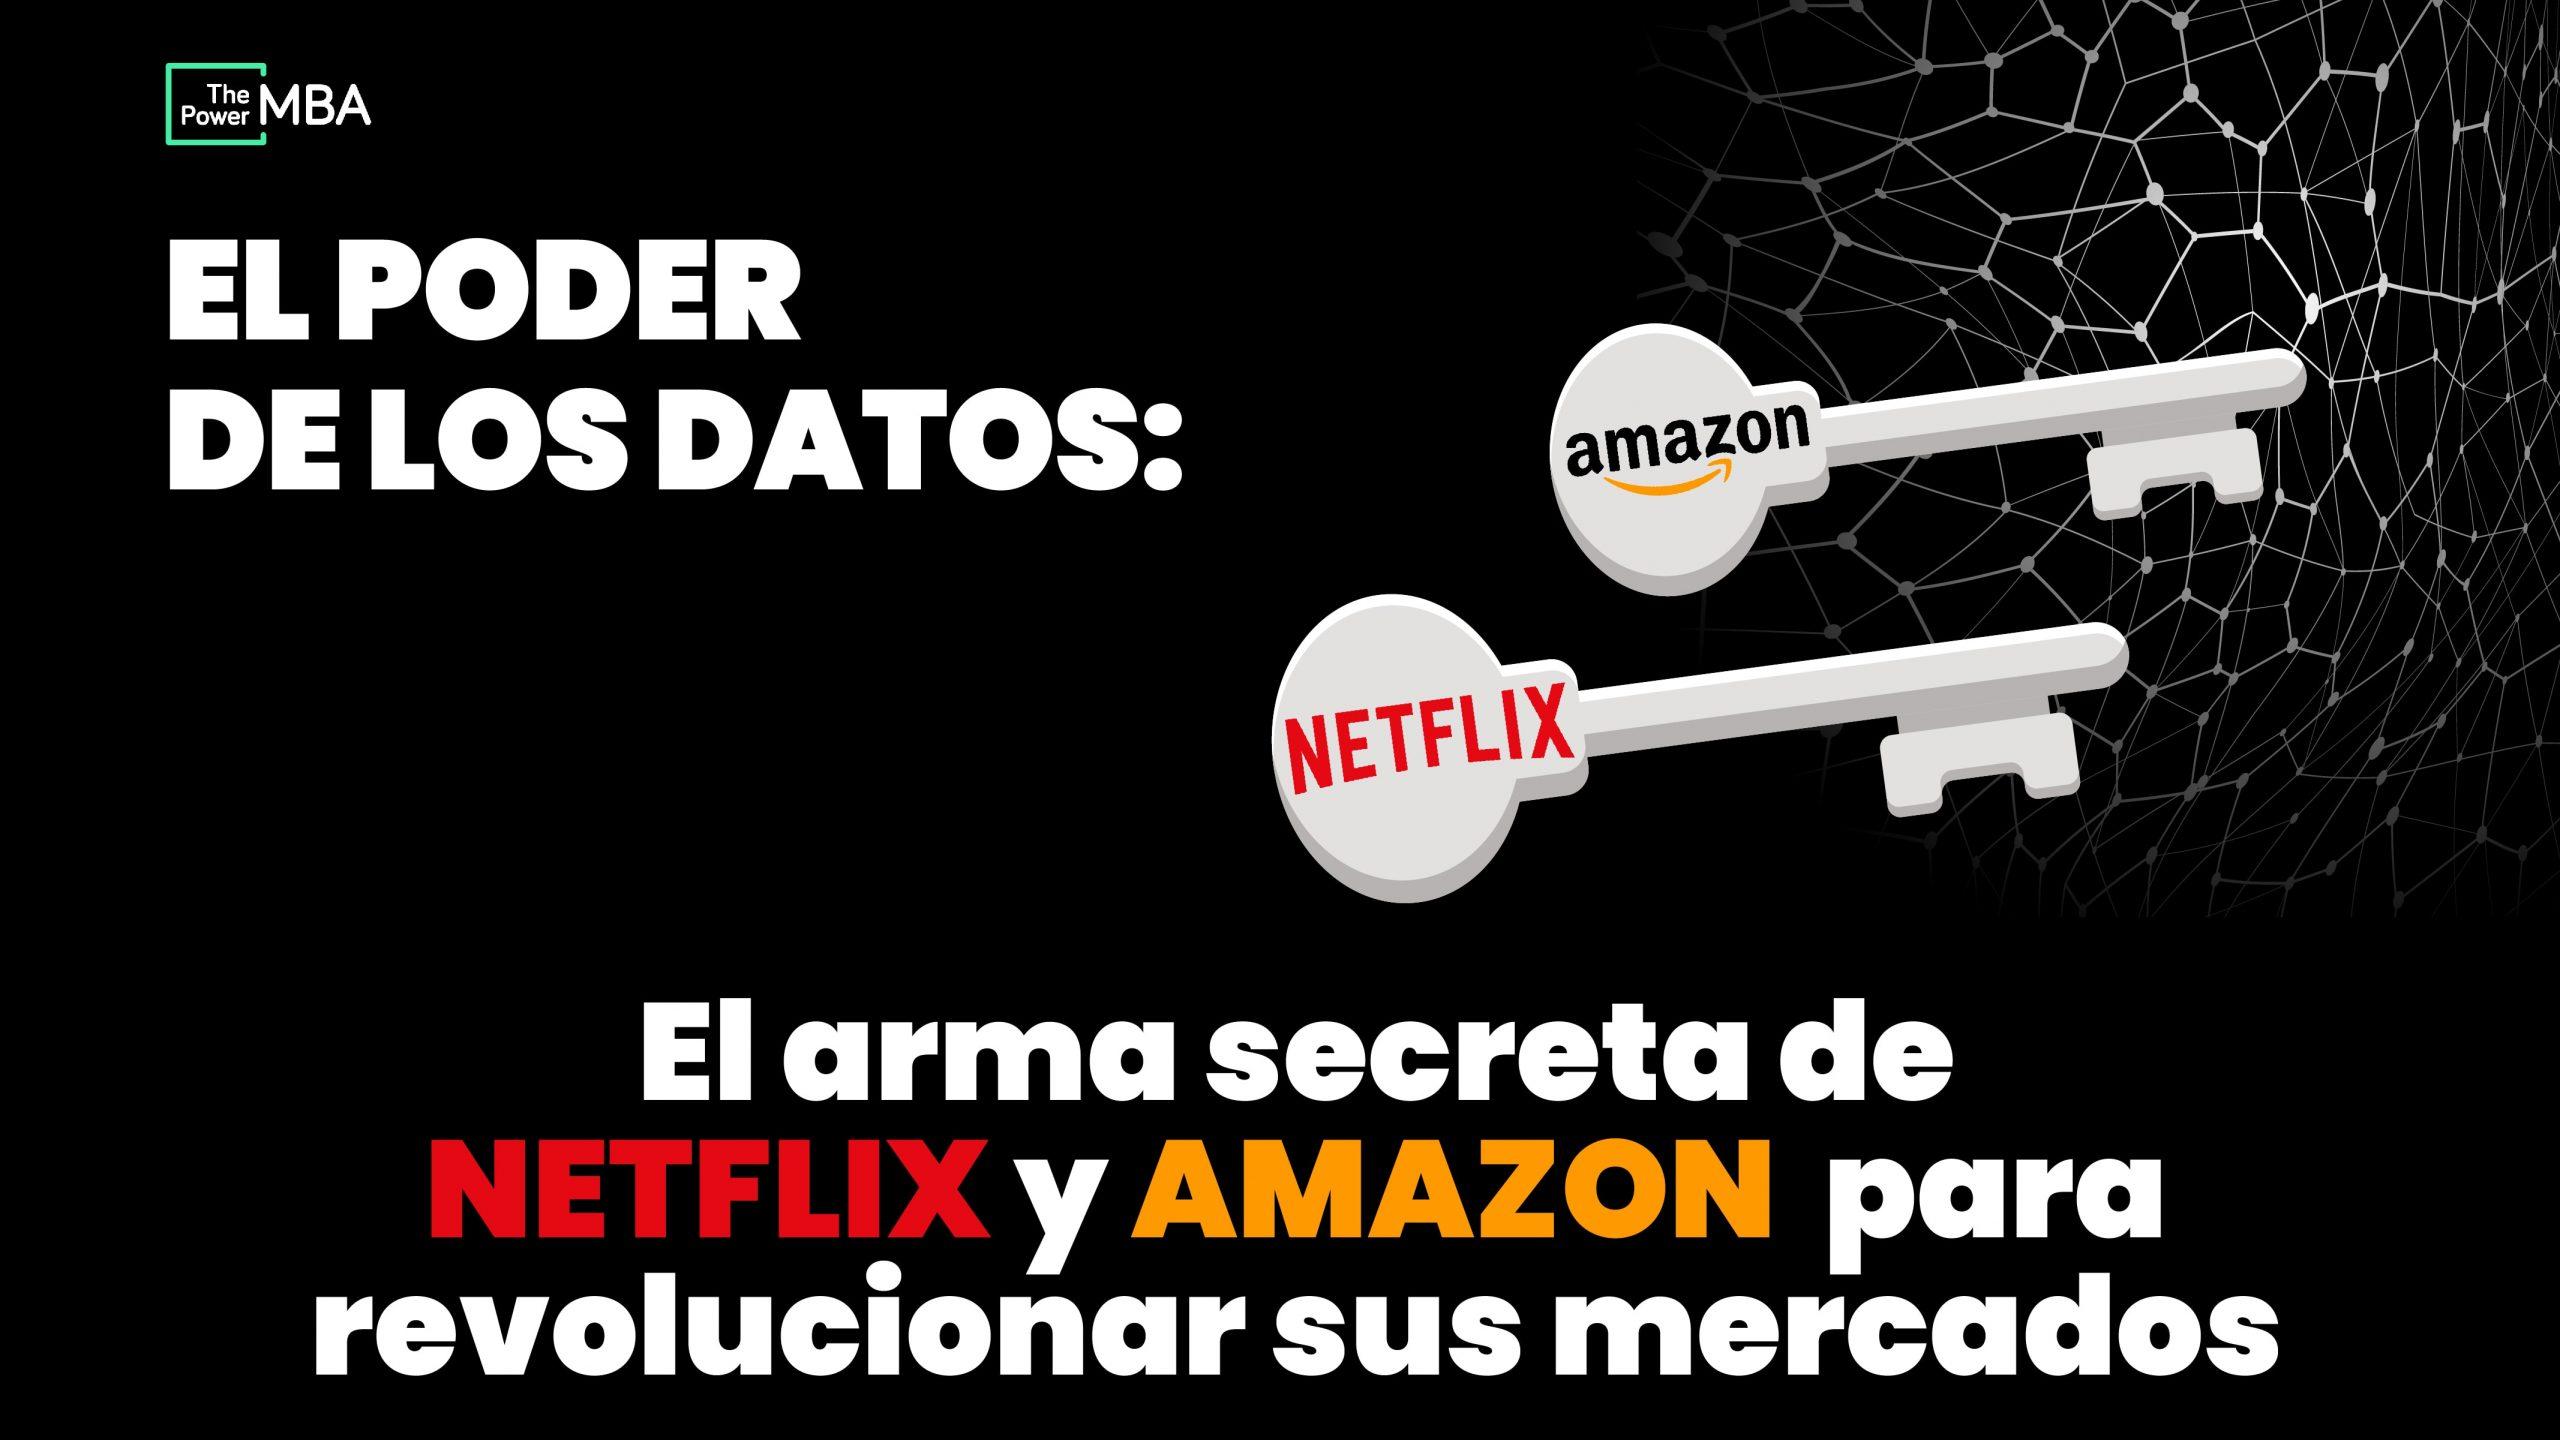 el poder de los datos: el arma secreta de Netflix y Amazon para revolucionar sus mercados